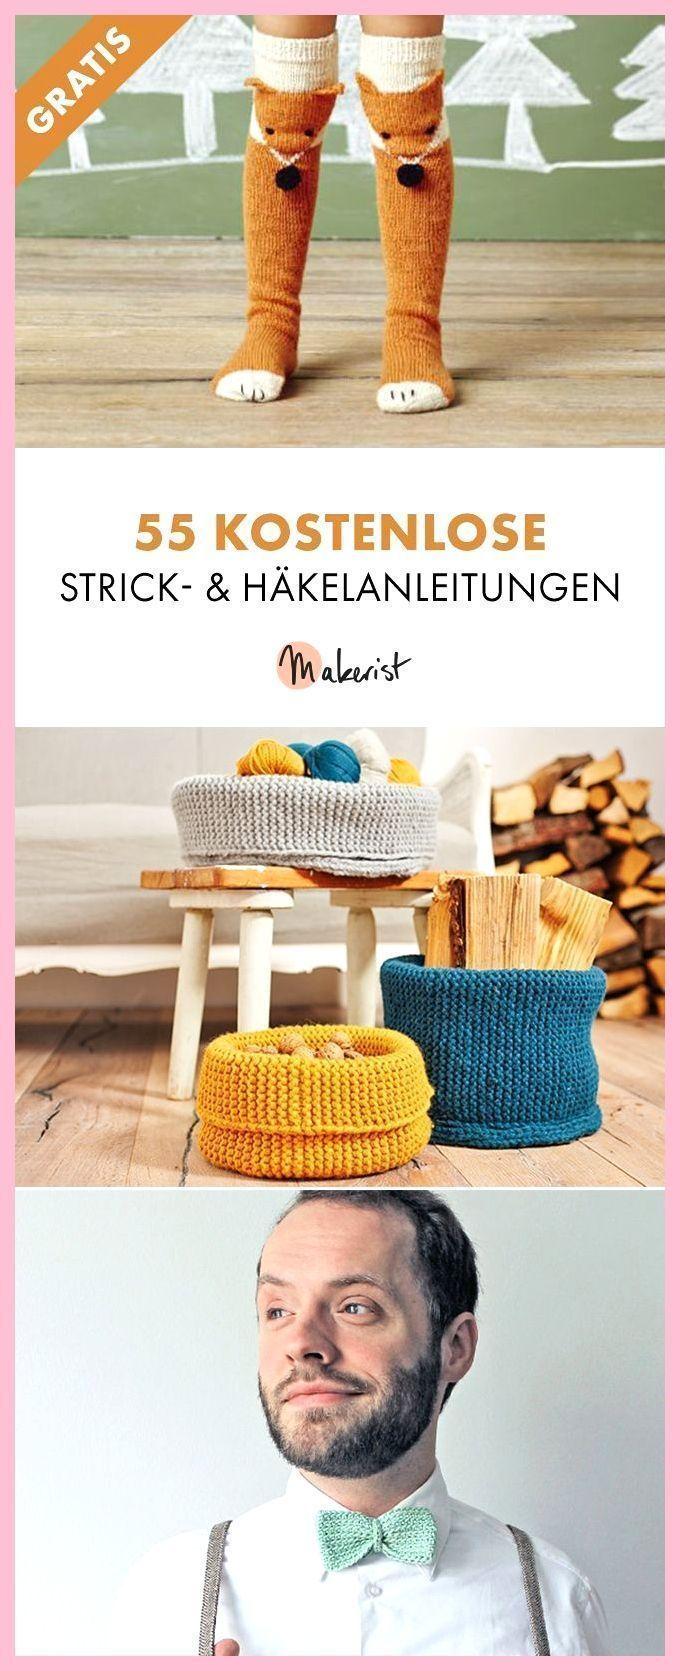 Photo of Das Neue: 55 kostenlose Tutorials zu Stric – Kleiner Balkon Ideen – #balkon #ide…